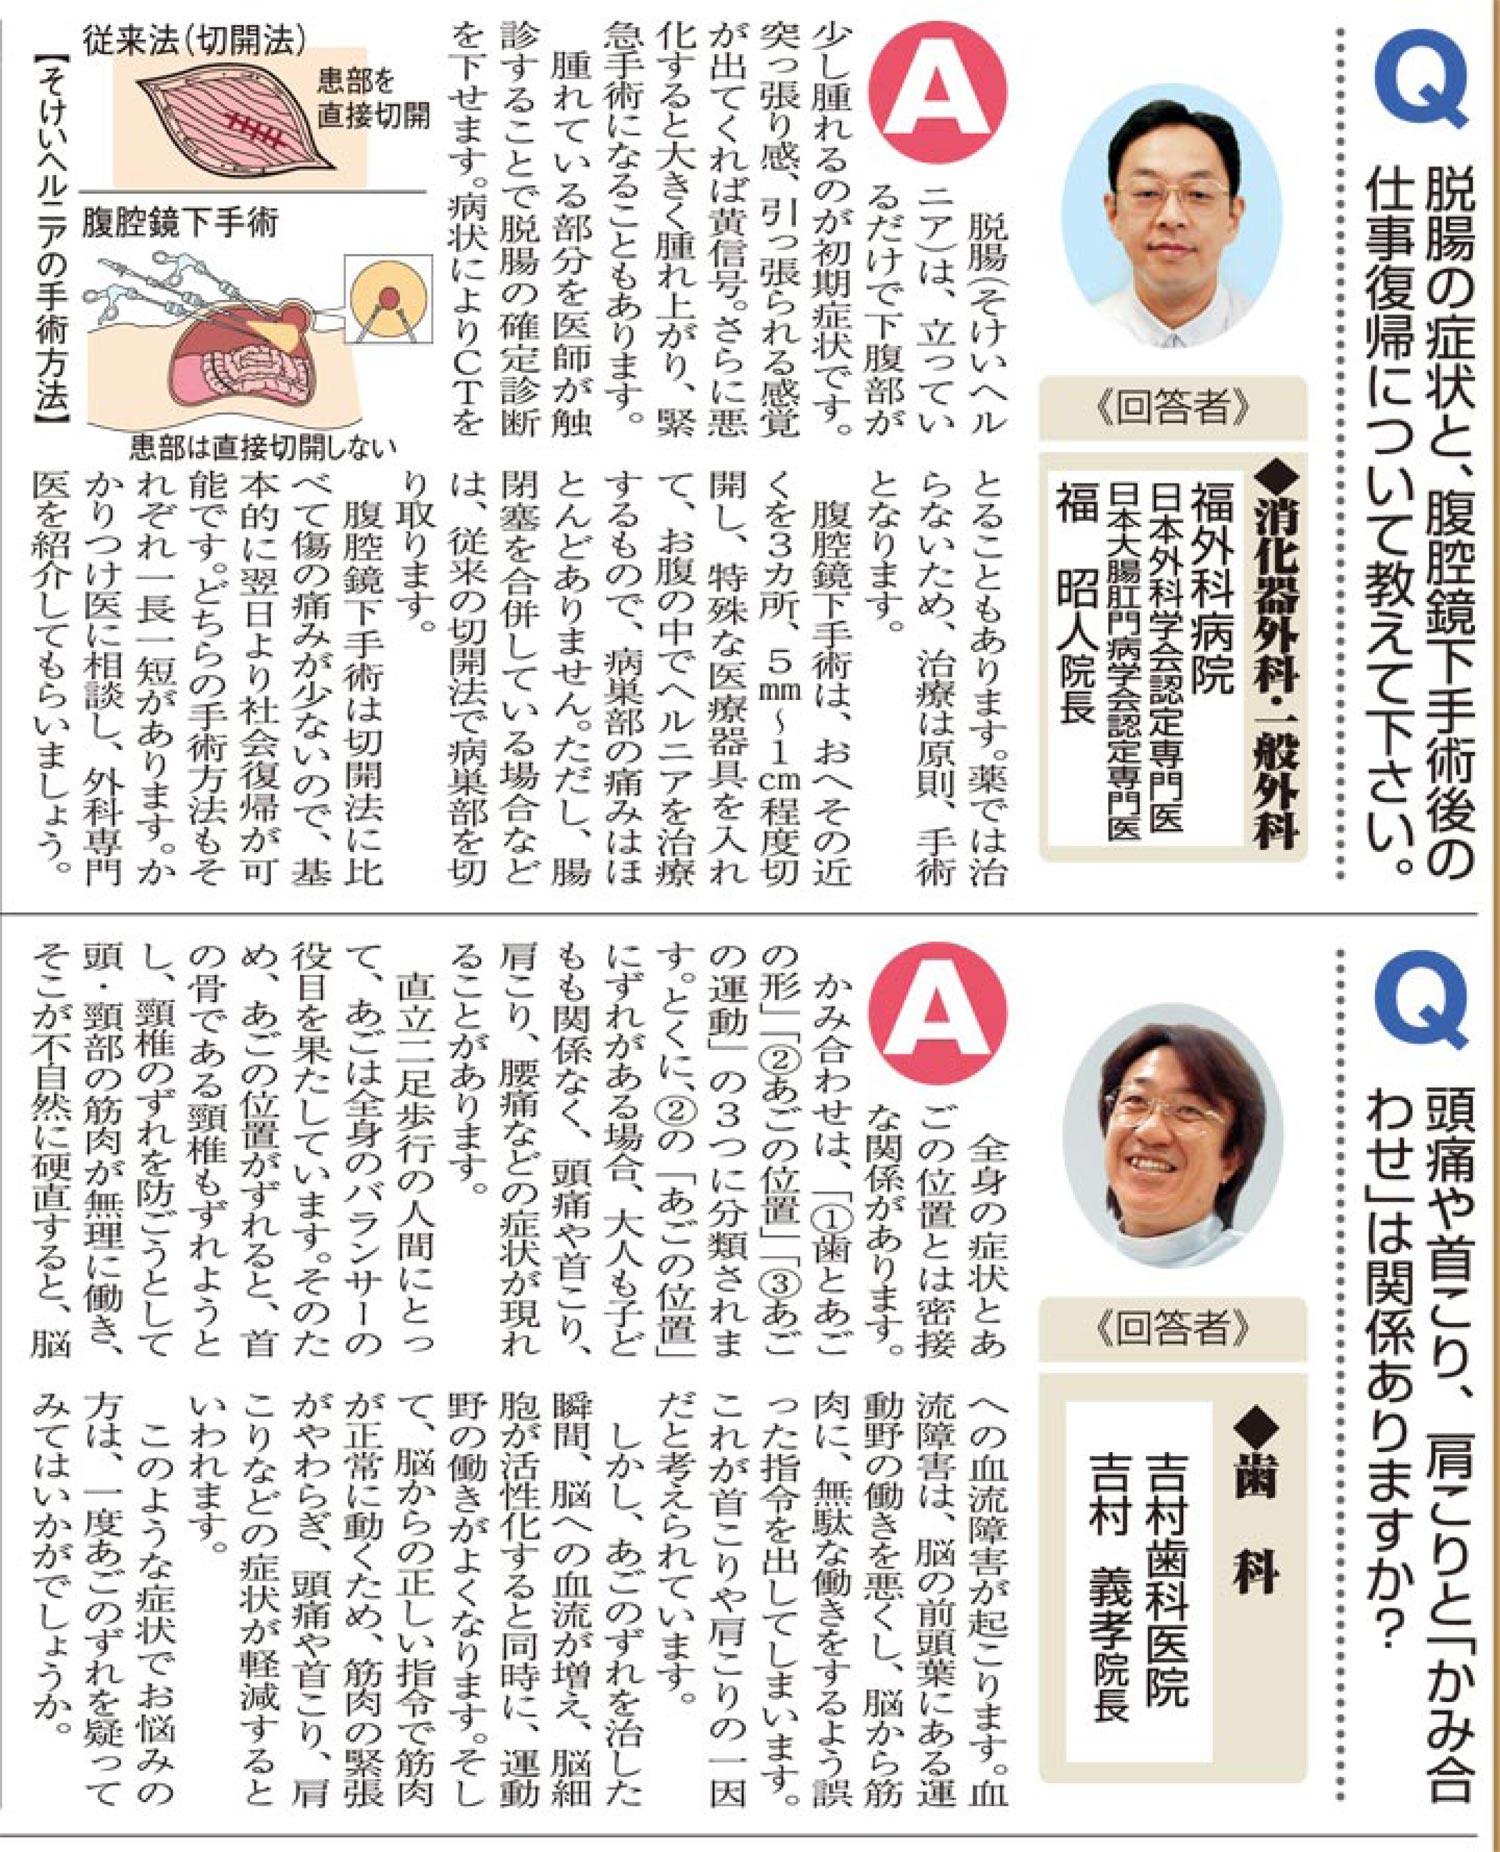 おしえて!マイドクターQ&A「脱腸」「かみ合わせ」「排便痛」「花粉症」(2017.2.25)